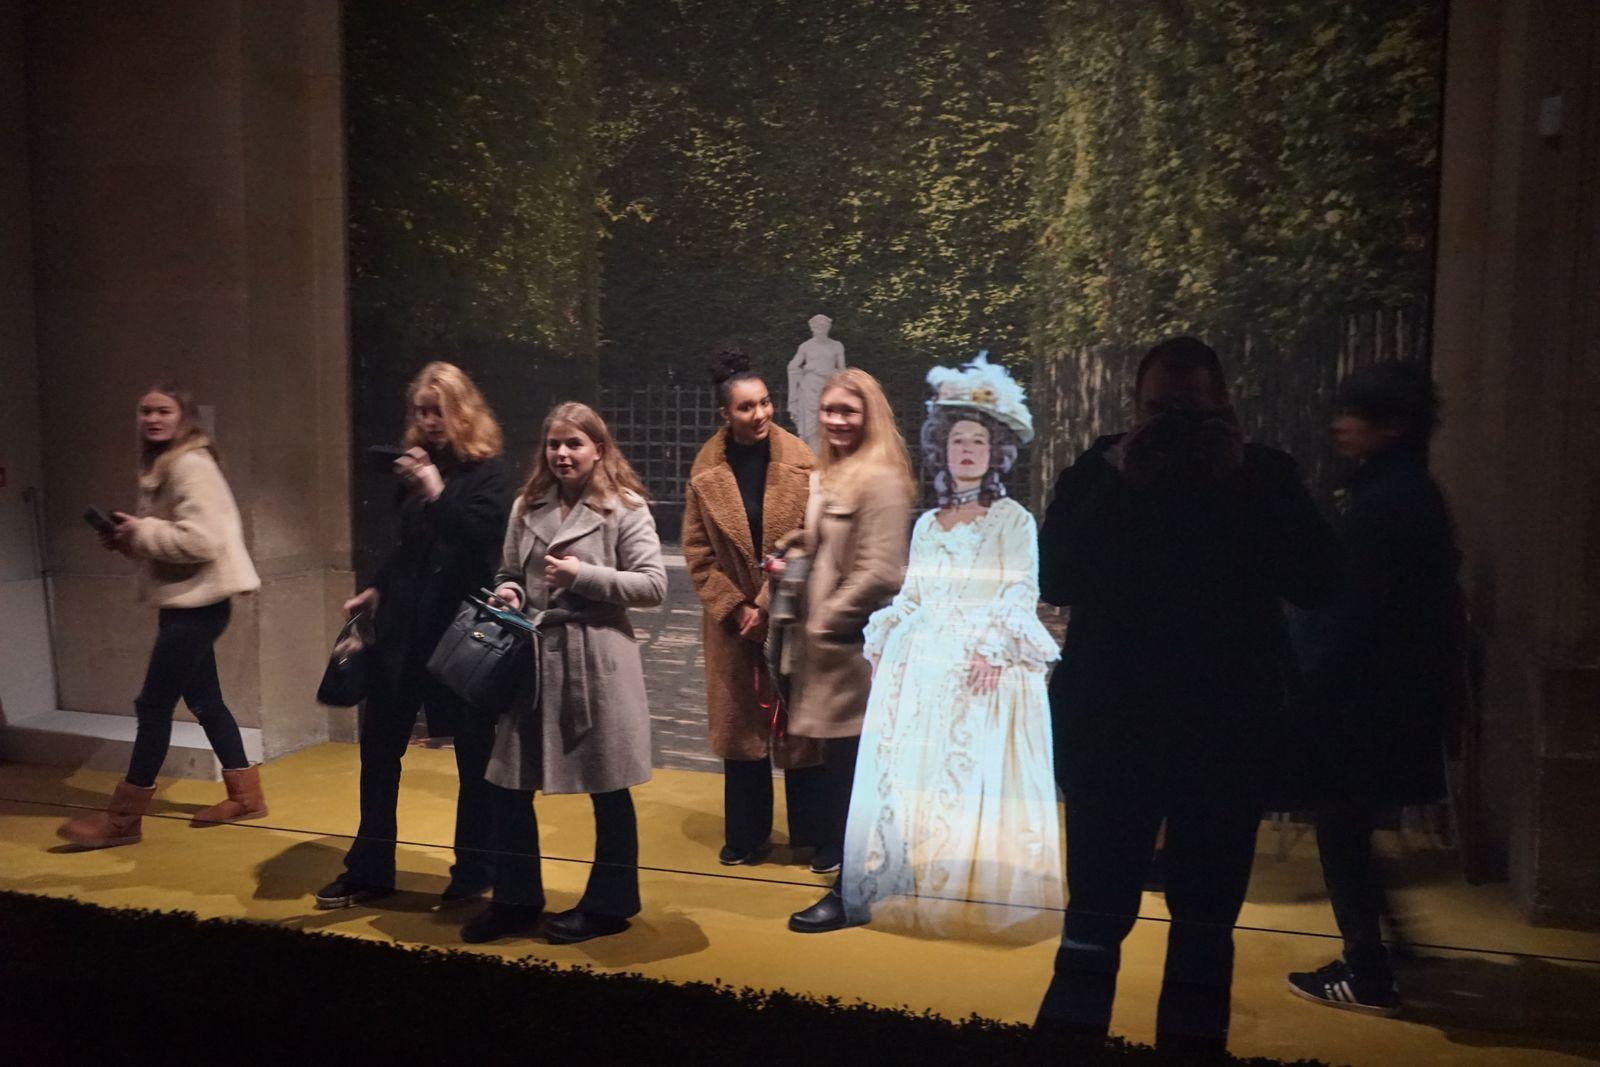 Les fantômes de Trianon (An Adventure)